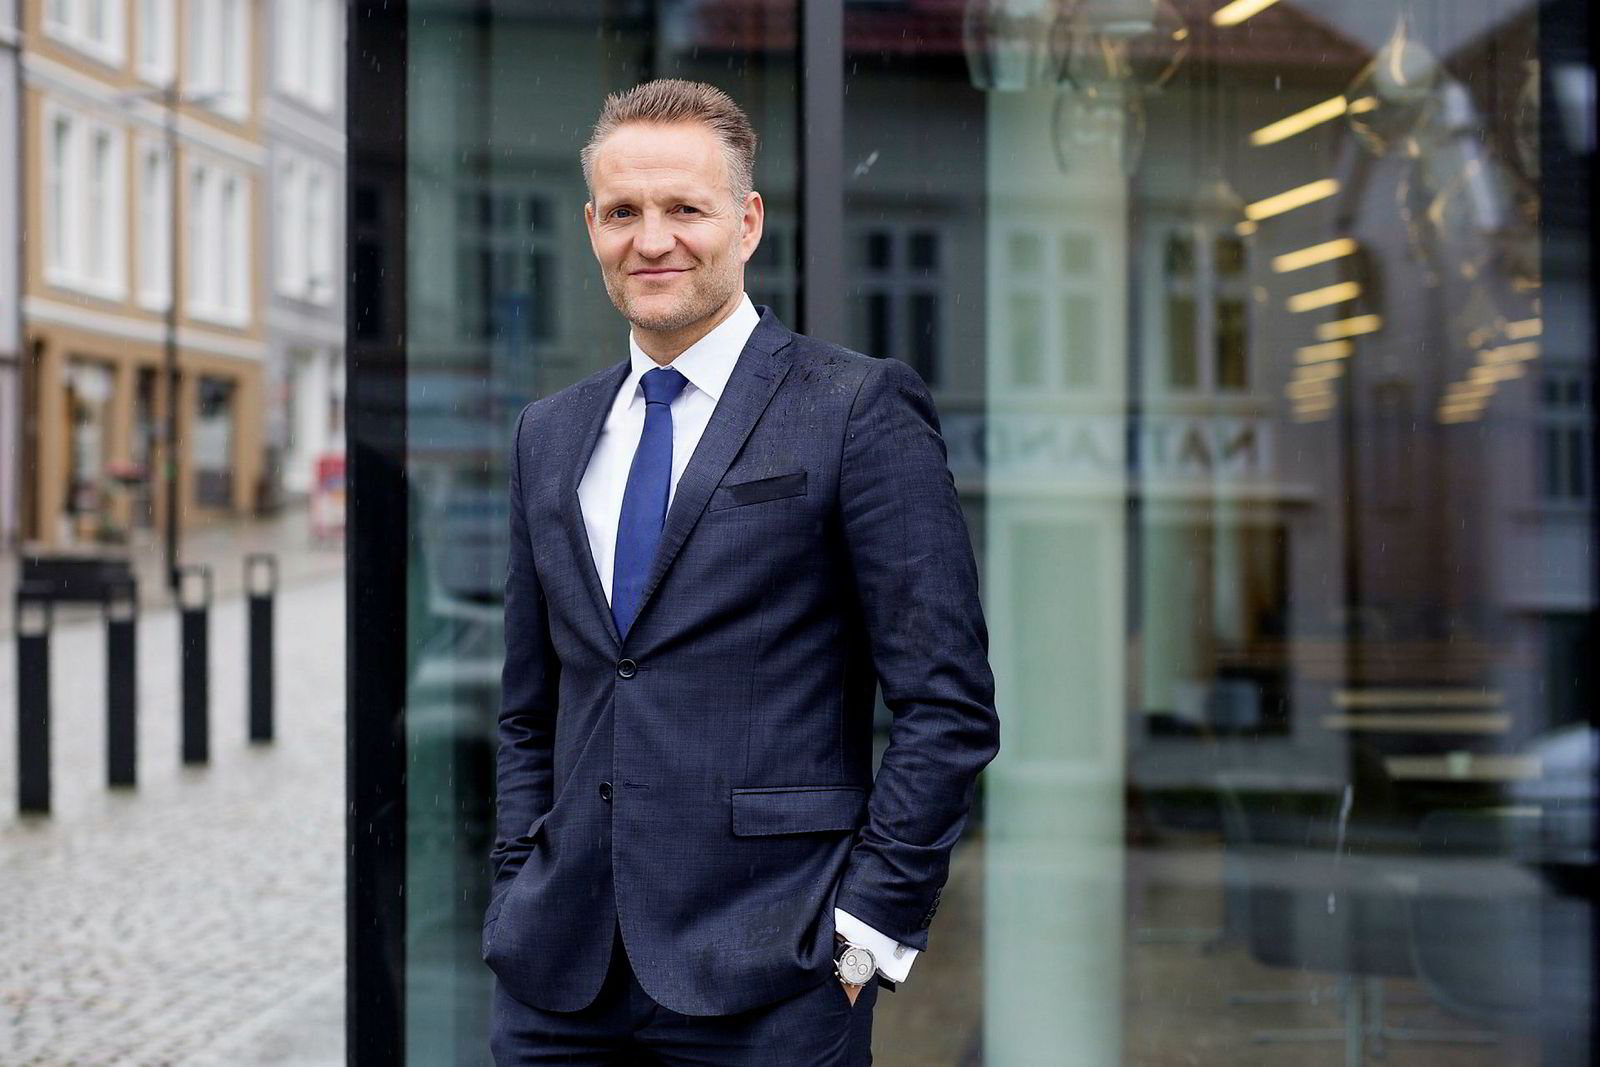 Konsernsjef Jan Erik Kjerpeseth, Sparebanken Vest.